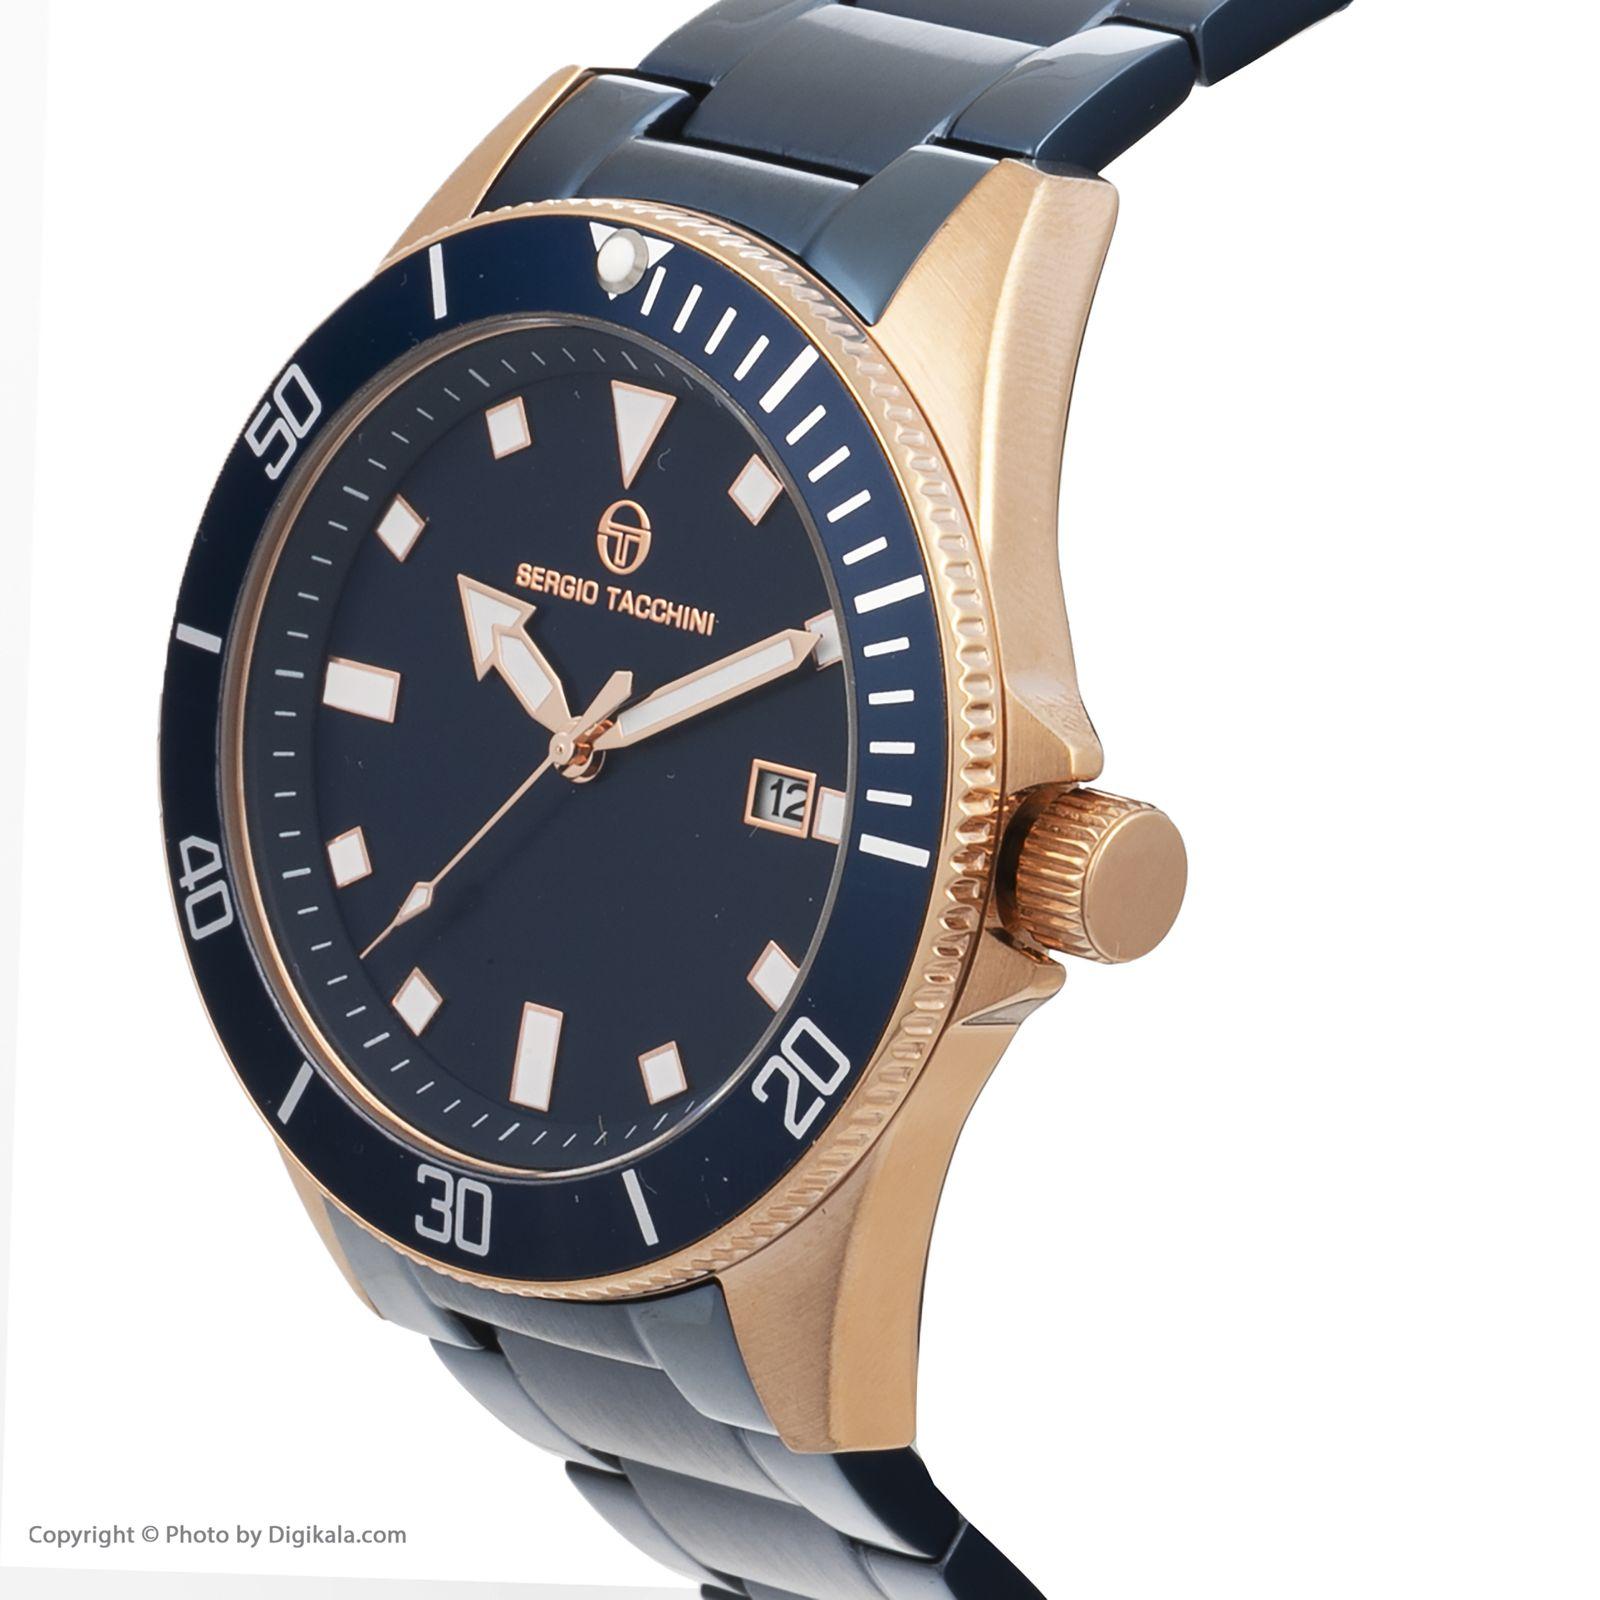 ساعت مچی عقربه ای مردانه سرجیو تاچینی مدل ST.8.132.06 -  - 3